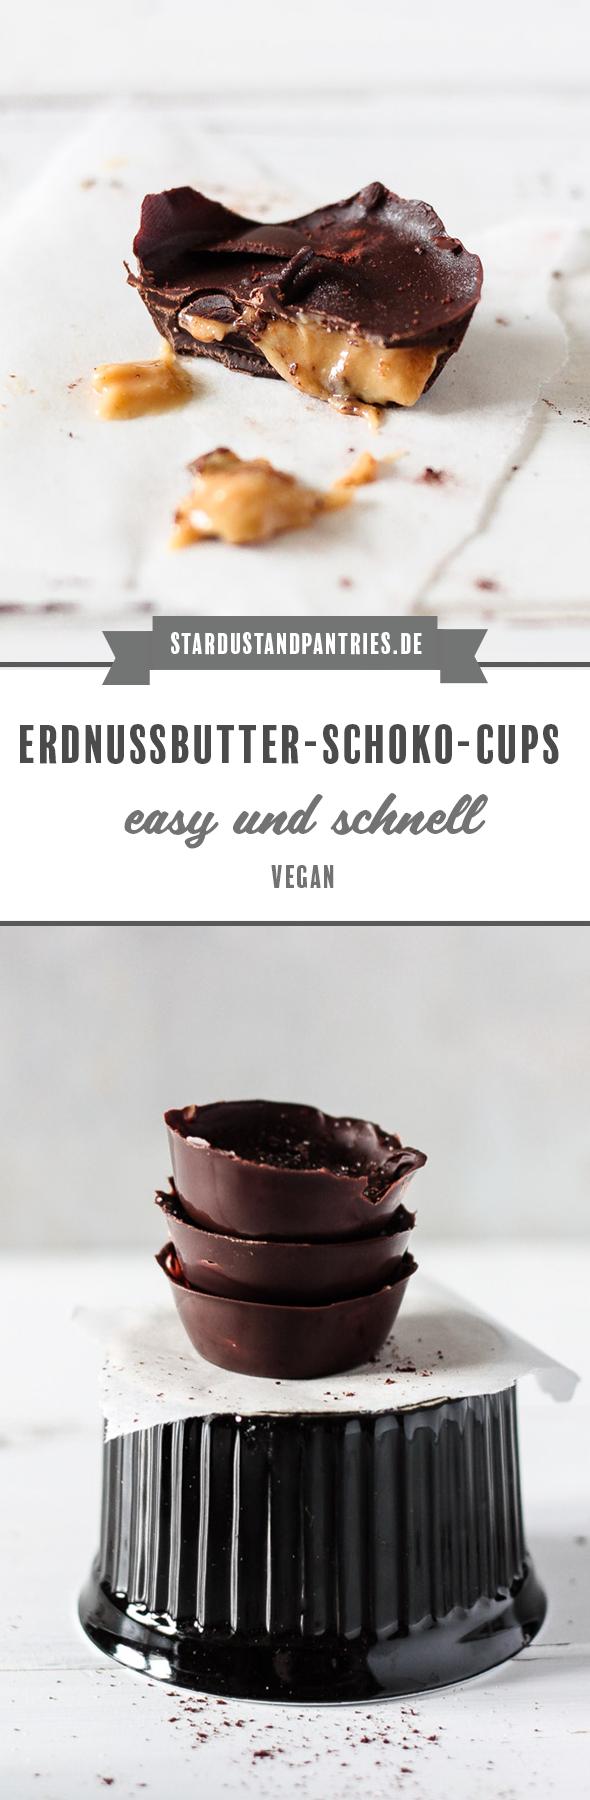 Selbstgemachte Schokoladen-Erdnussbutter-Cups mit nur 4 Zutaten! Das perfekte Dessert für alle Erdnussbutter-Liebhaber/innen! #Peanutbuttercups #Schokolade #Chocolate